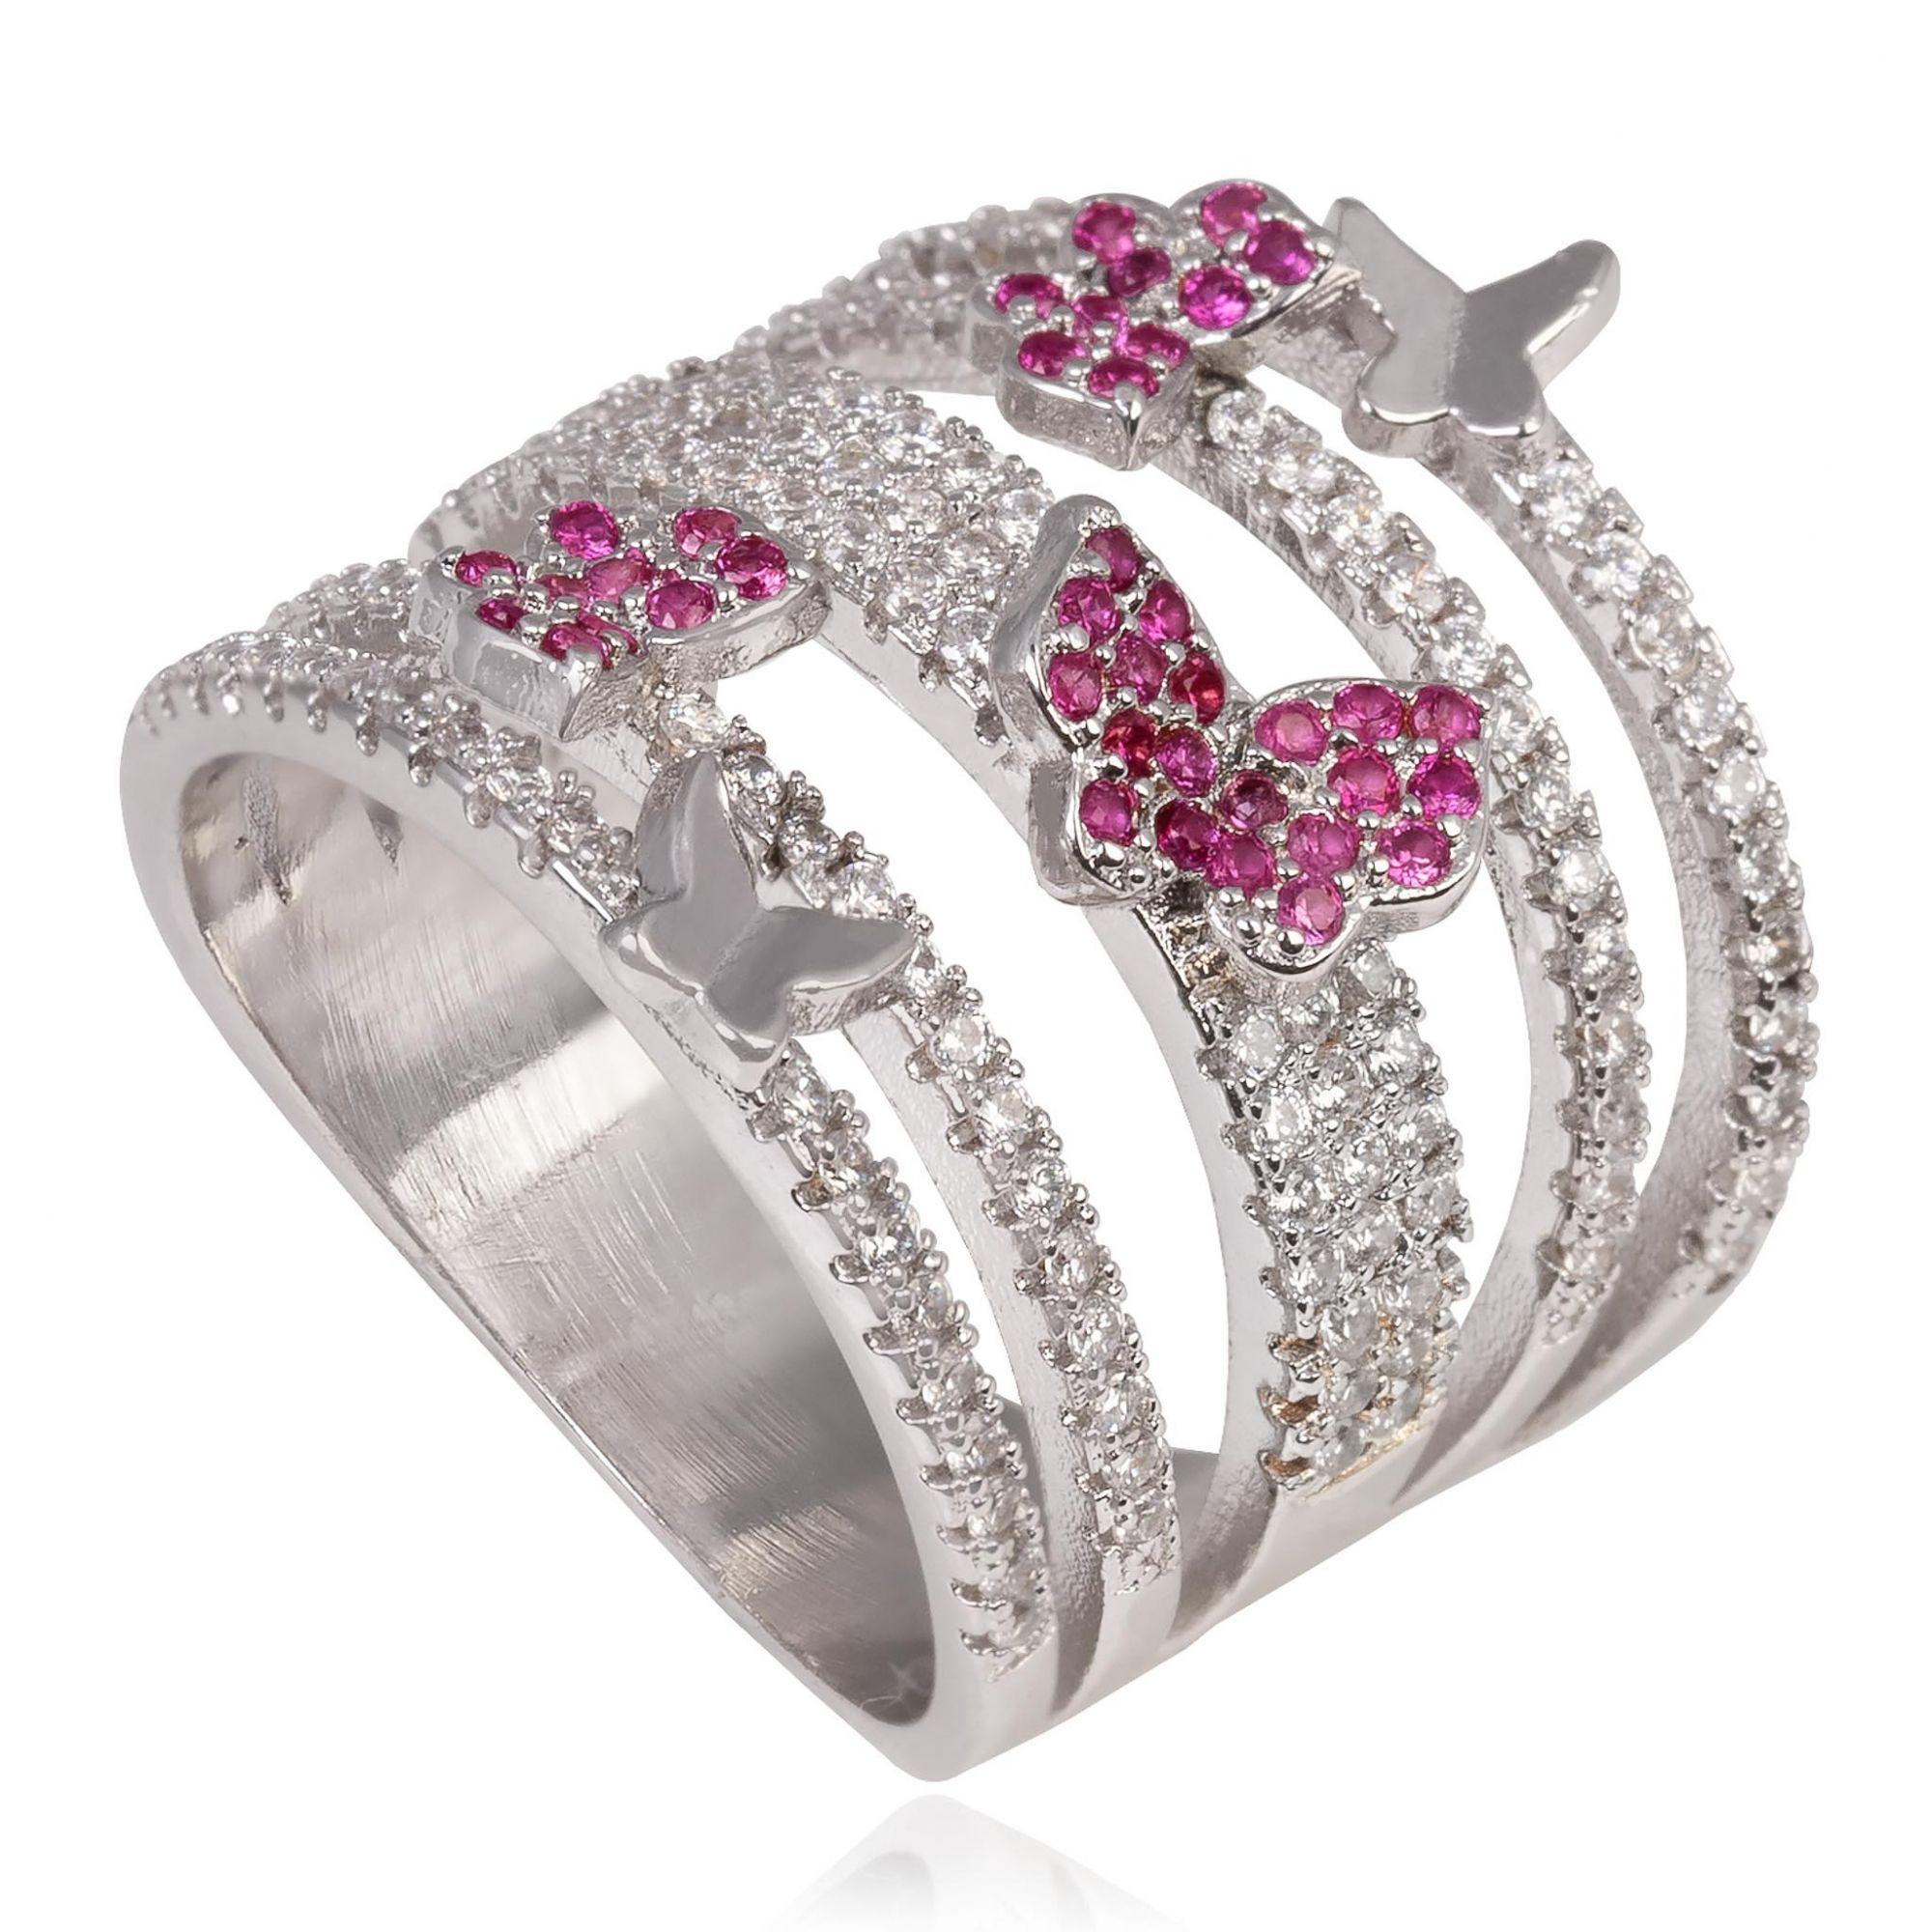 Anel com micro zircônias cristais e borboletas rubis banho de ródio branco.  - romabrazil.com.br